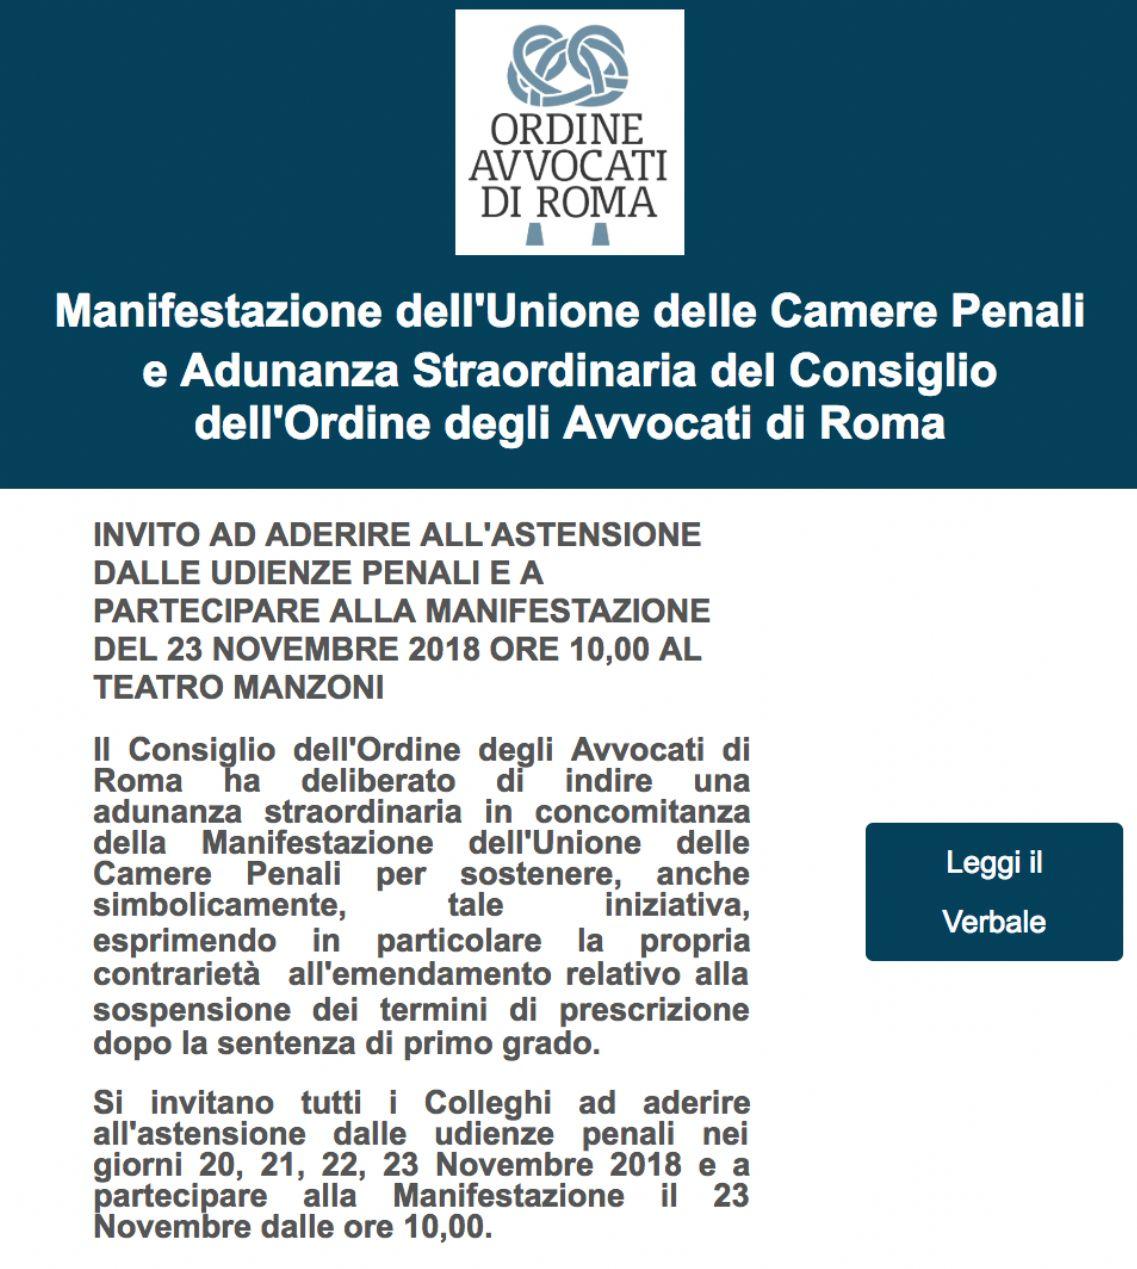 l'ordine degli avvocati di roma con l'unione delle camere penali